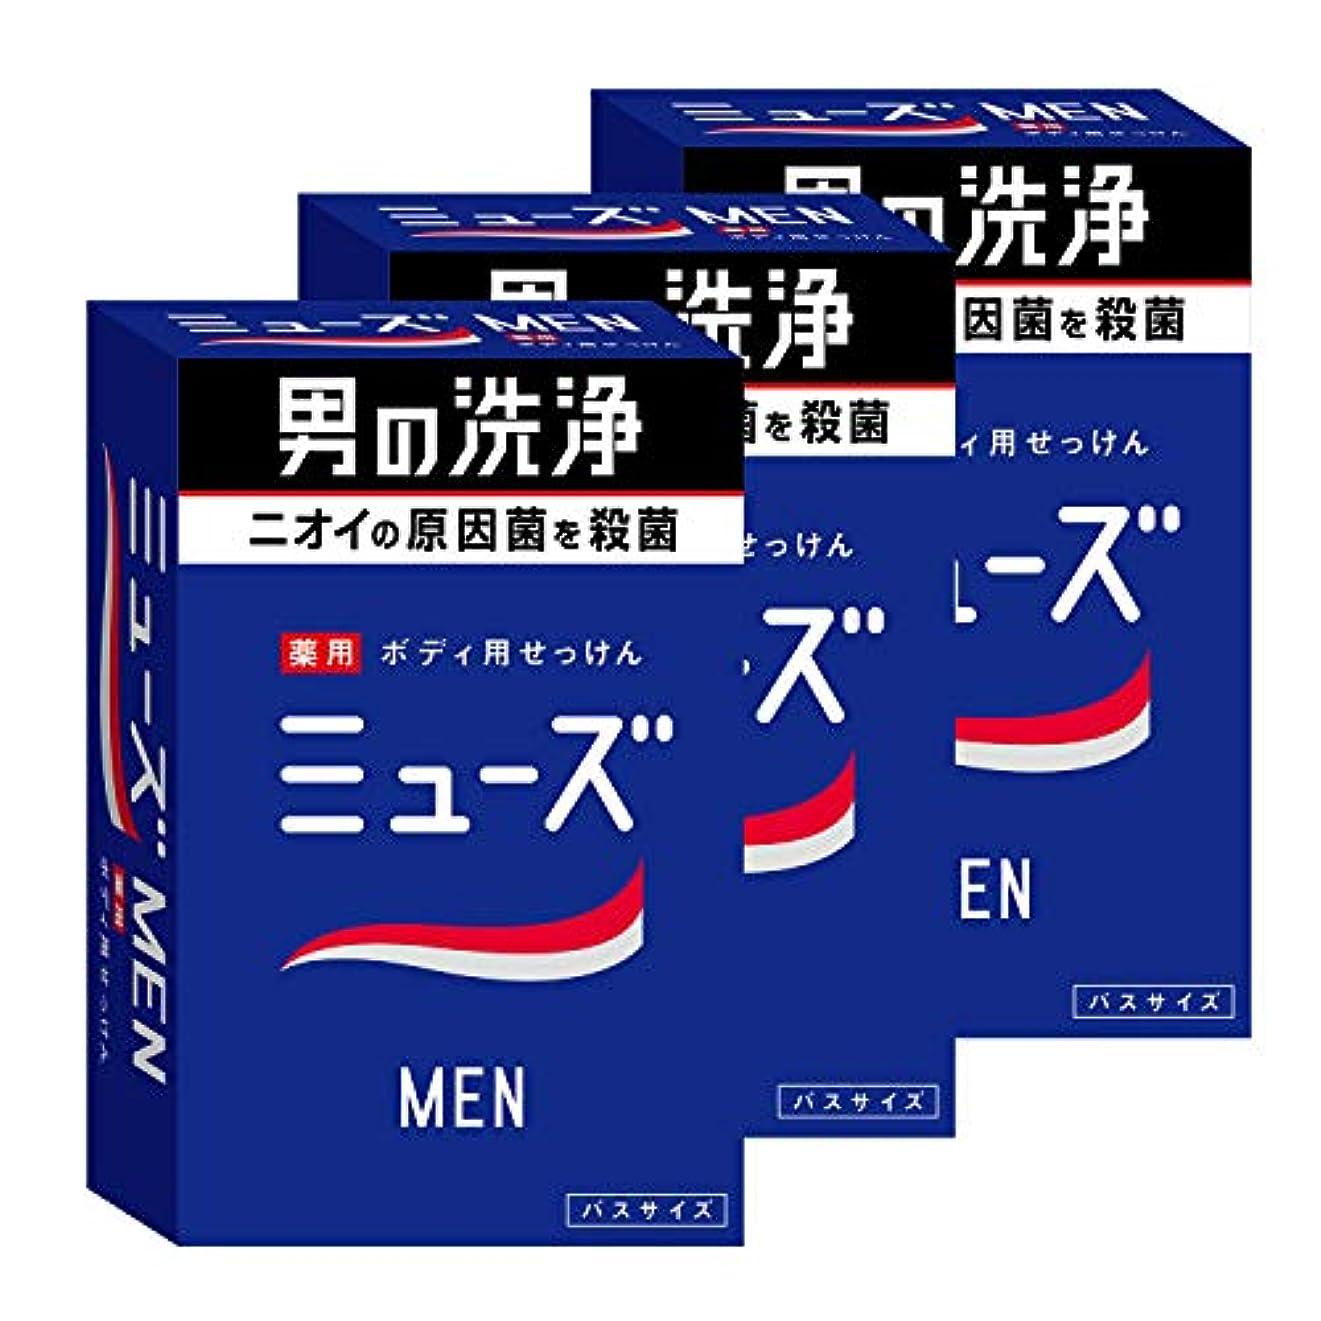 援助するジム一方、【医薬部外品】ミューズメン ボディ用 石鹸 135g ×3個 消臭